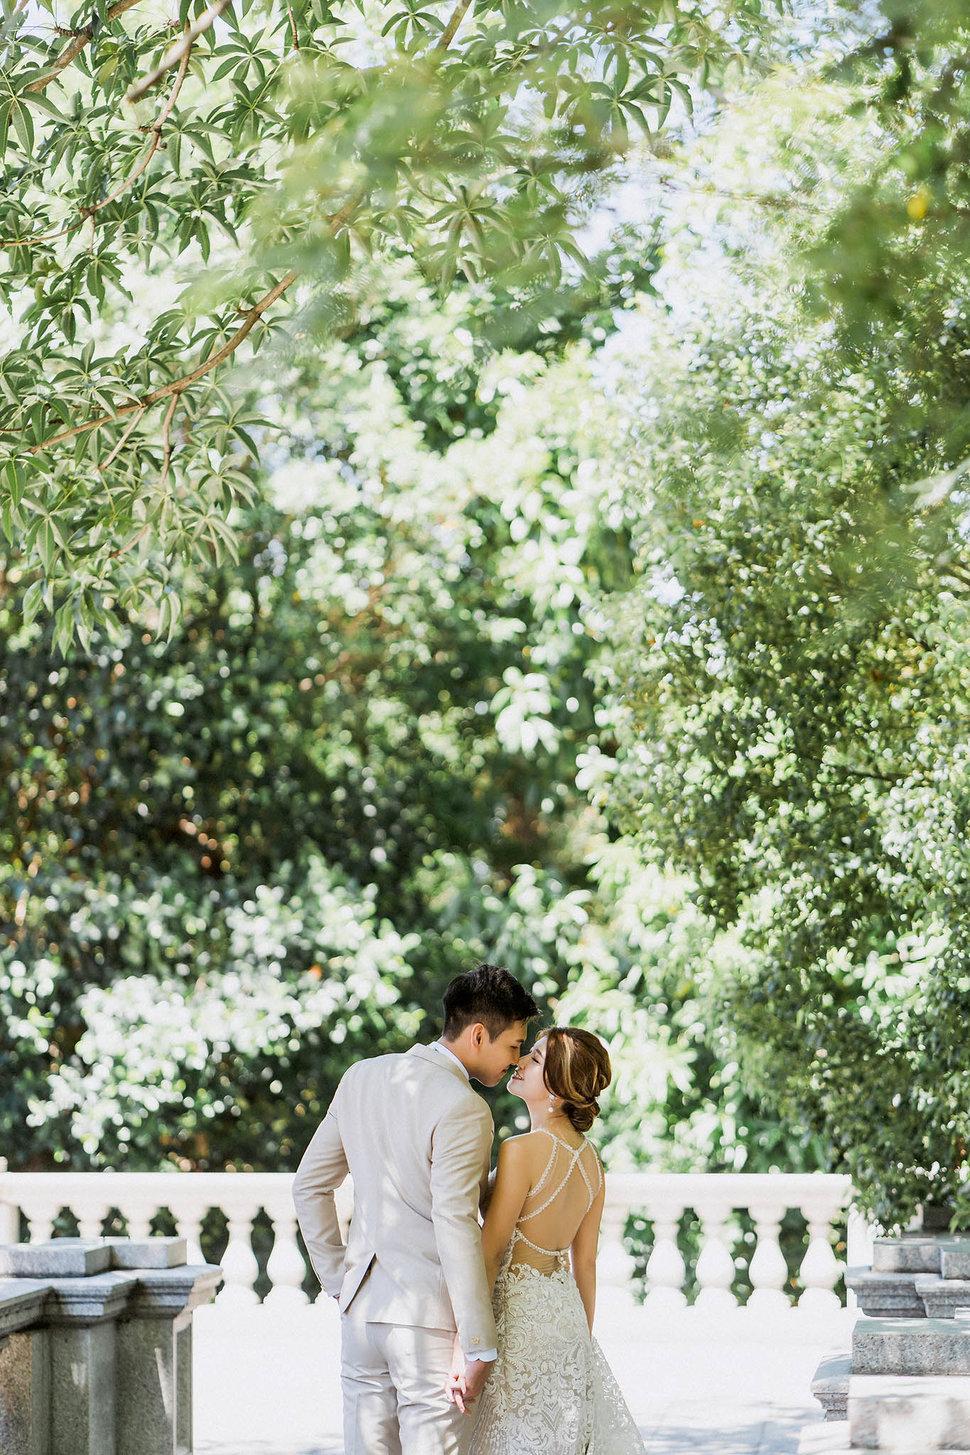 _DB_6572 - Vivi's Studio 新娘秘書《結婚吧》